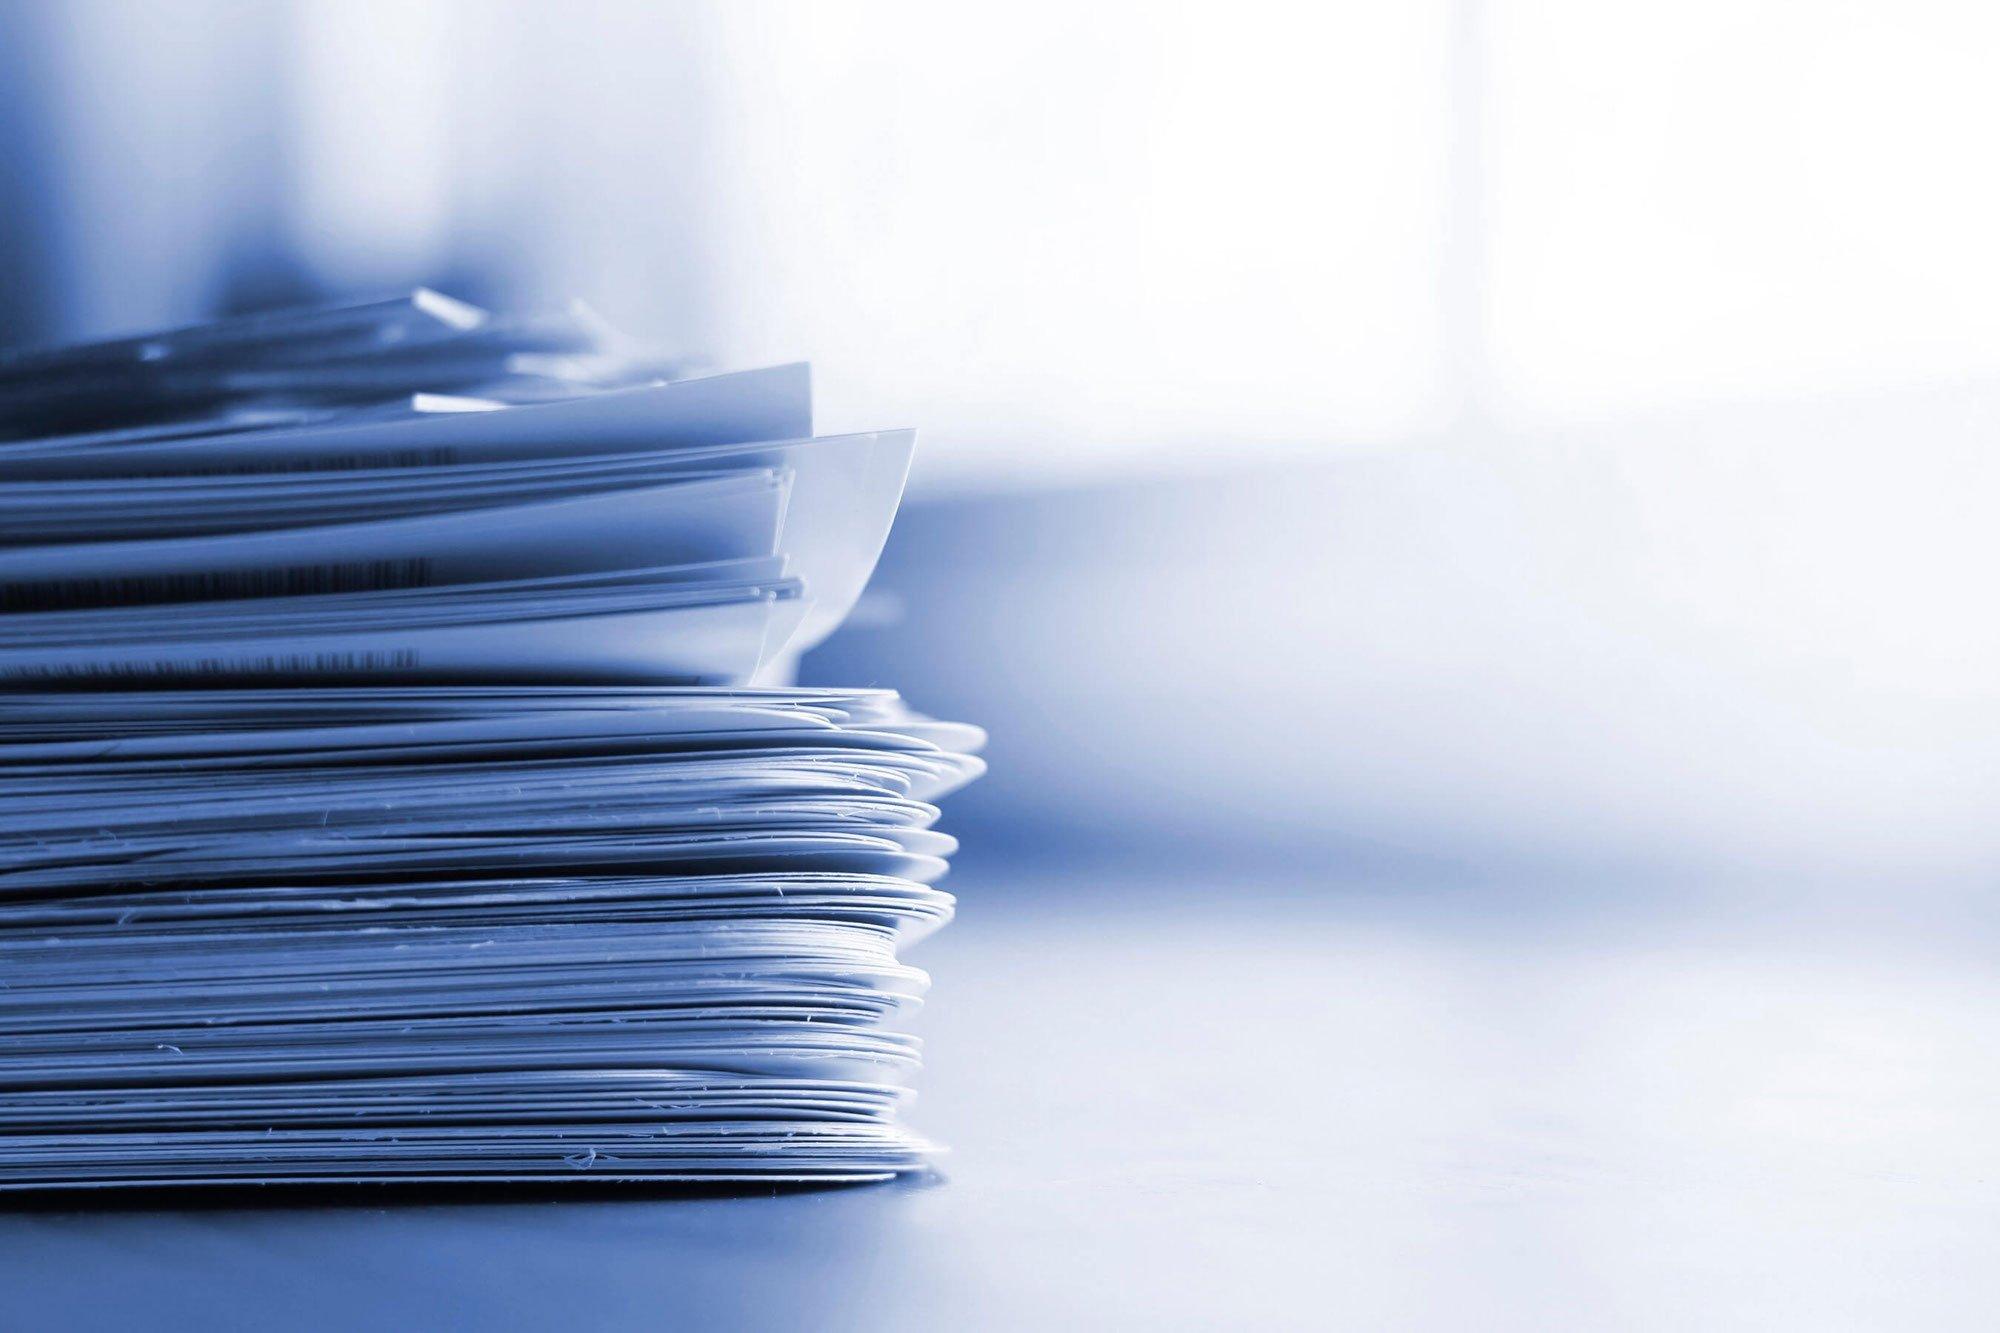 Минэк подготовил пакет ключевых документов для зеленого финансирования